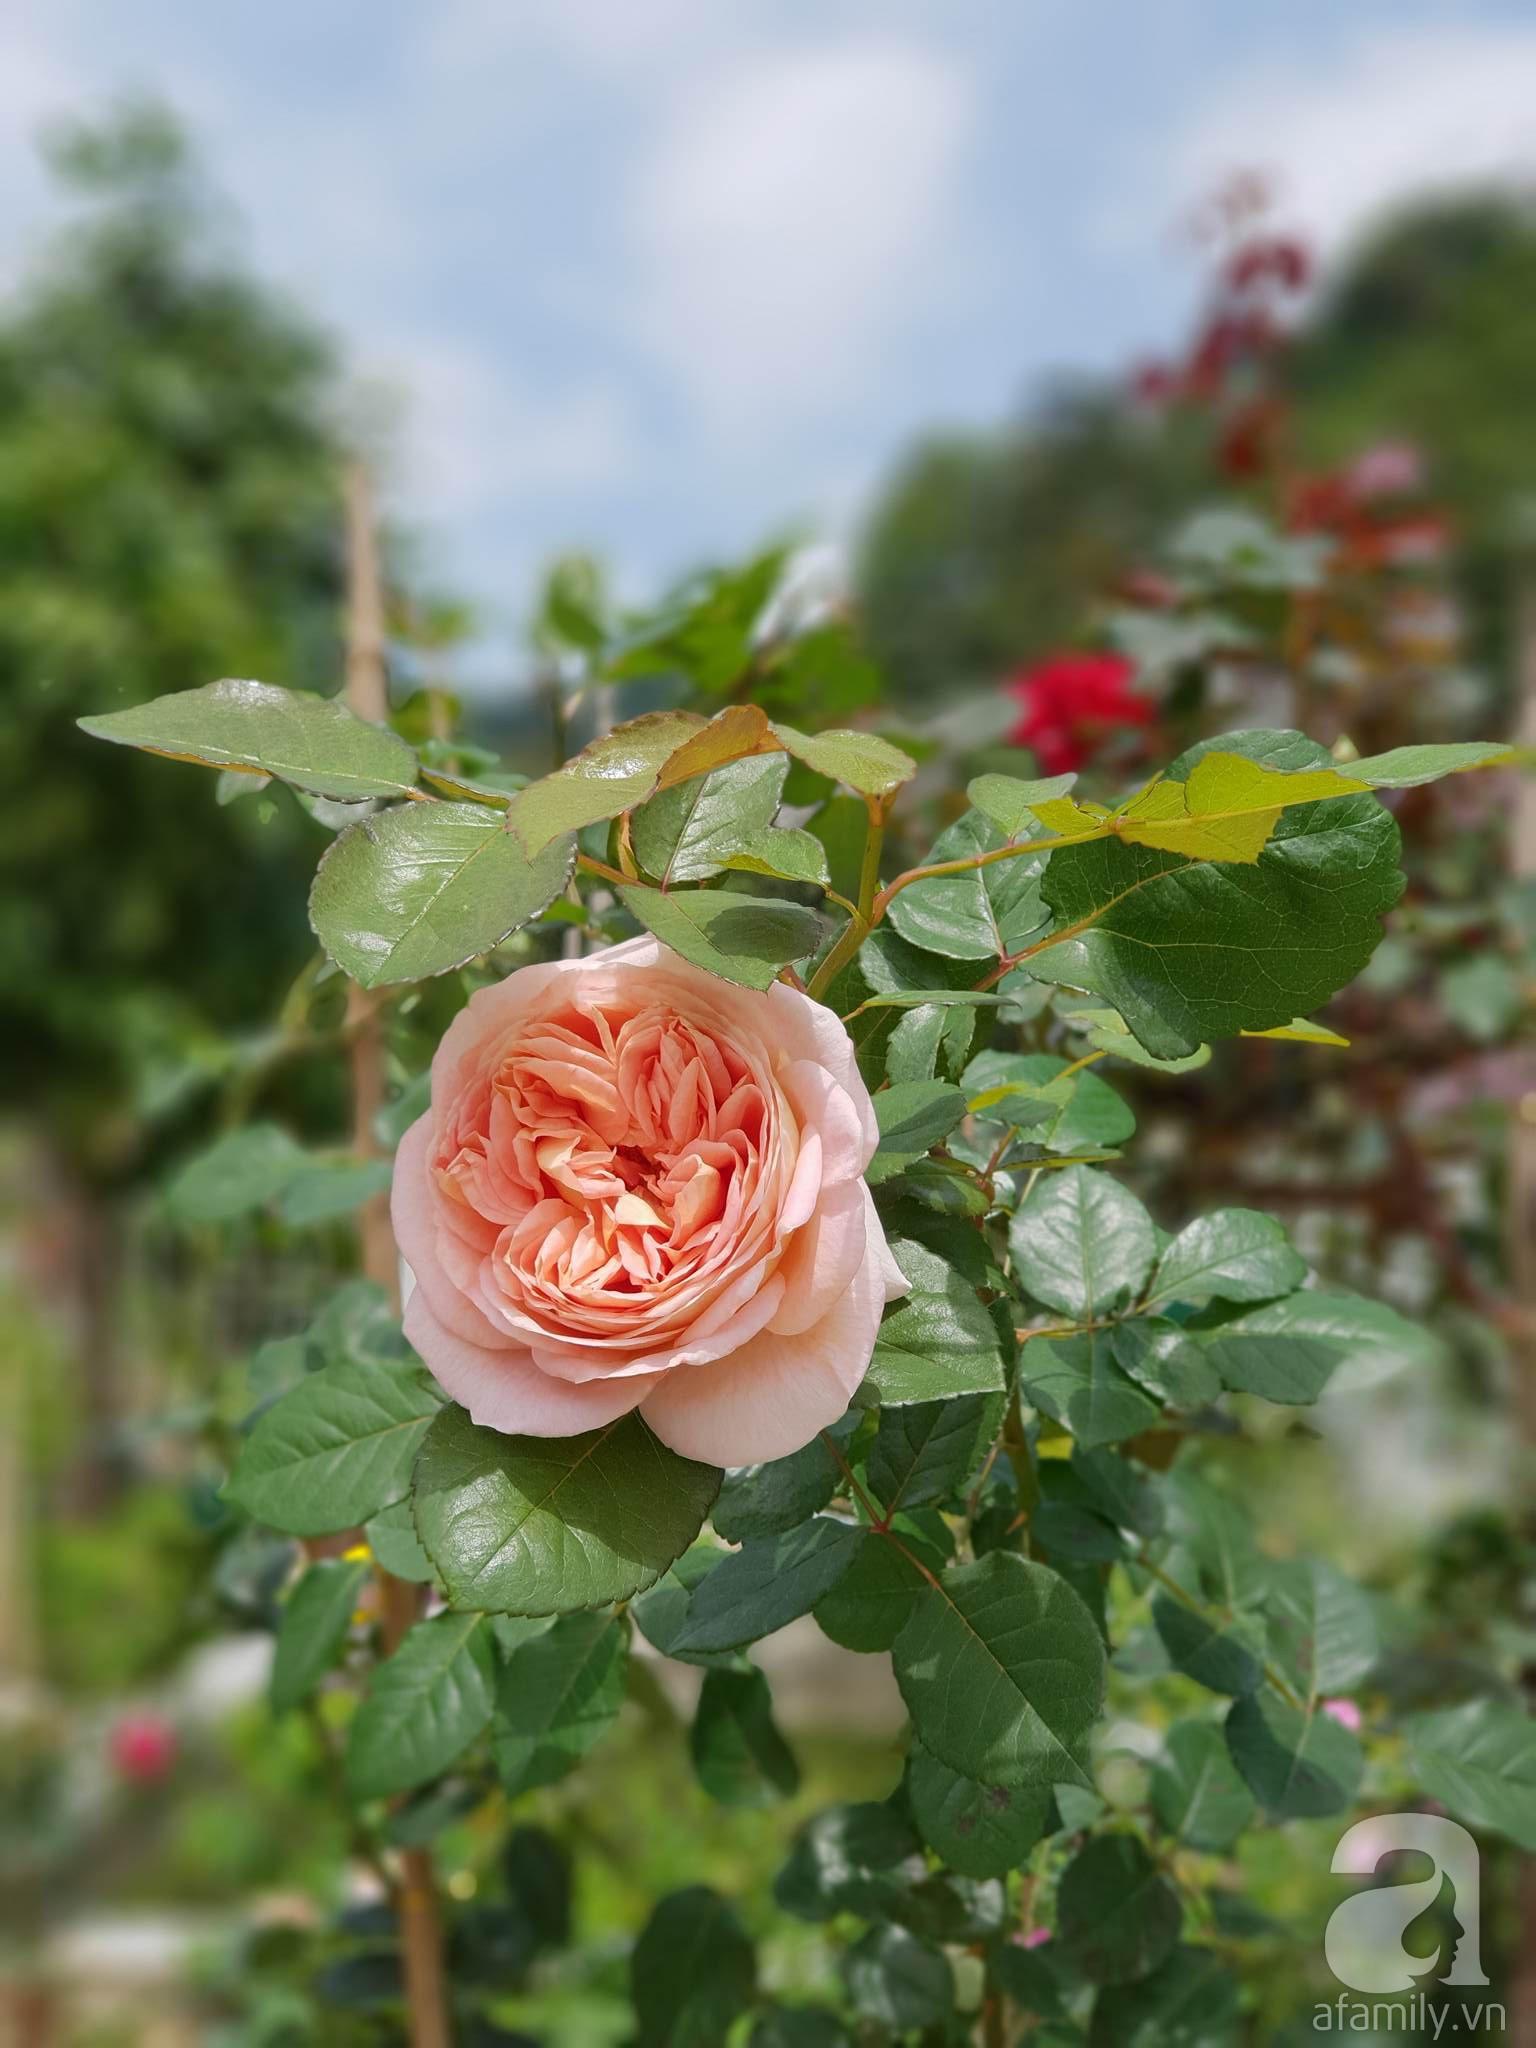 Ngôi nhà hoa hồng thơm ngát và rực rỡ với hàng trăm gốc hồng trên triền núi của cô giáo ở Cao Bằng - Ảnh 24.